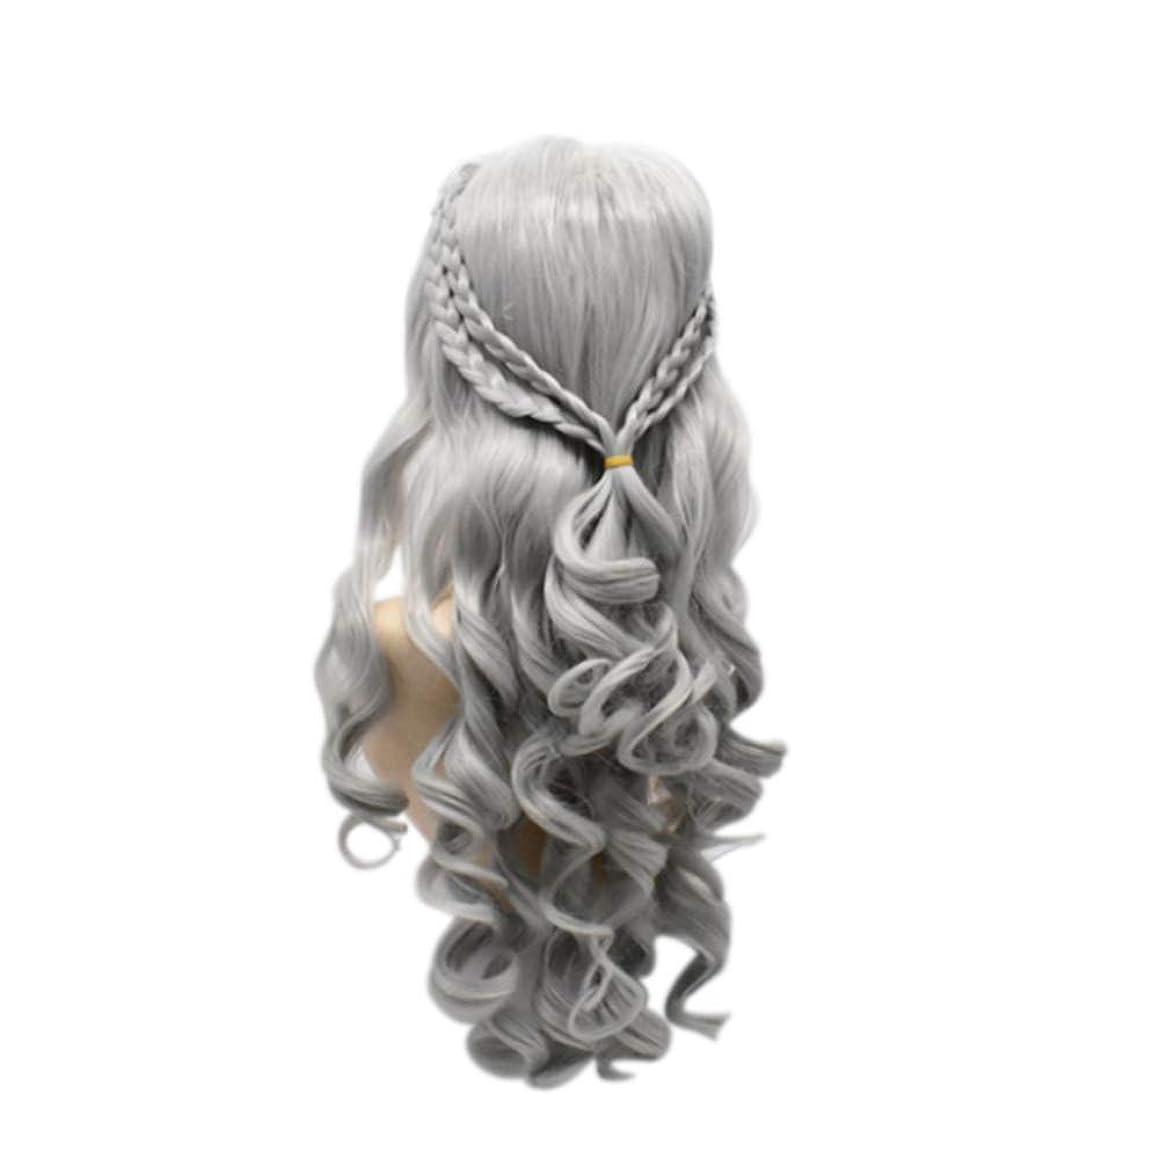 ニックネーム完全にアンドリューハリディ女性のための長い巻き毛のかつら気質顔ハイエンドのかつら自然に見える耐熱合成ファッションかつらコスプレ,Metallic